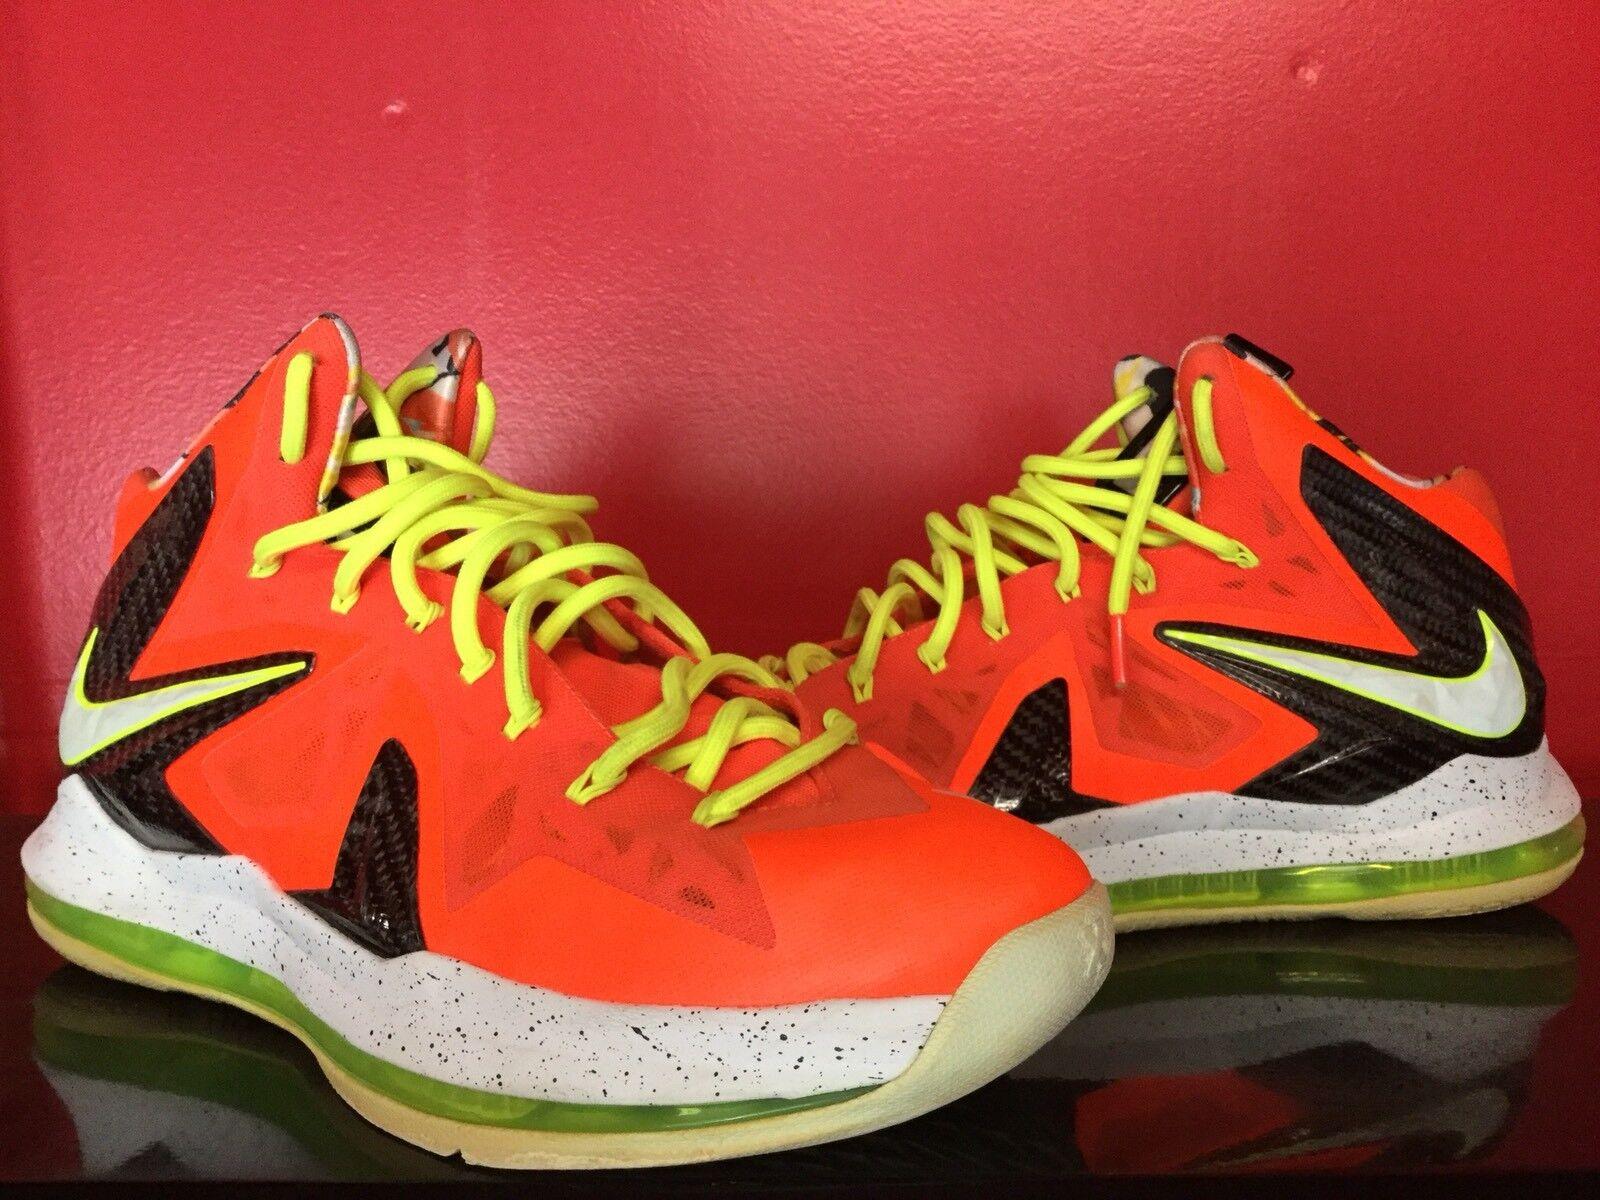 Nike Elite airmax LeBron x 10 Elite Nike comodo precio de temporada corta, beneficios de descuentos e135ca